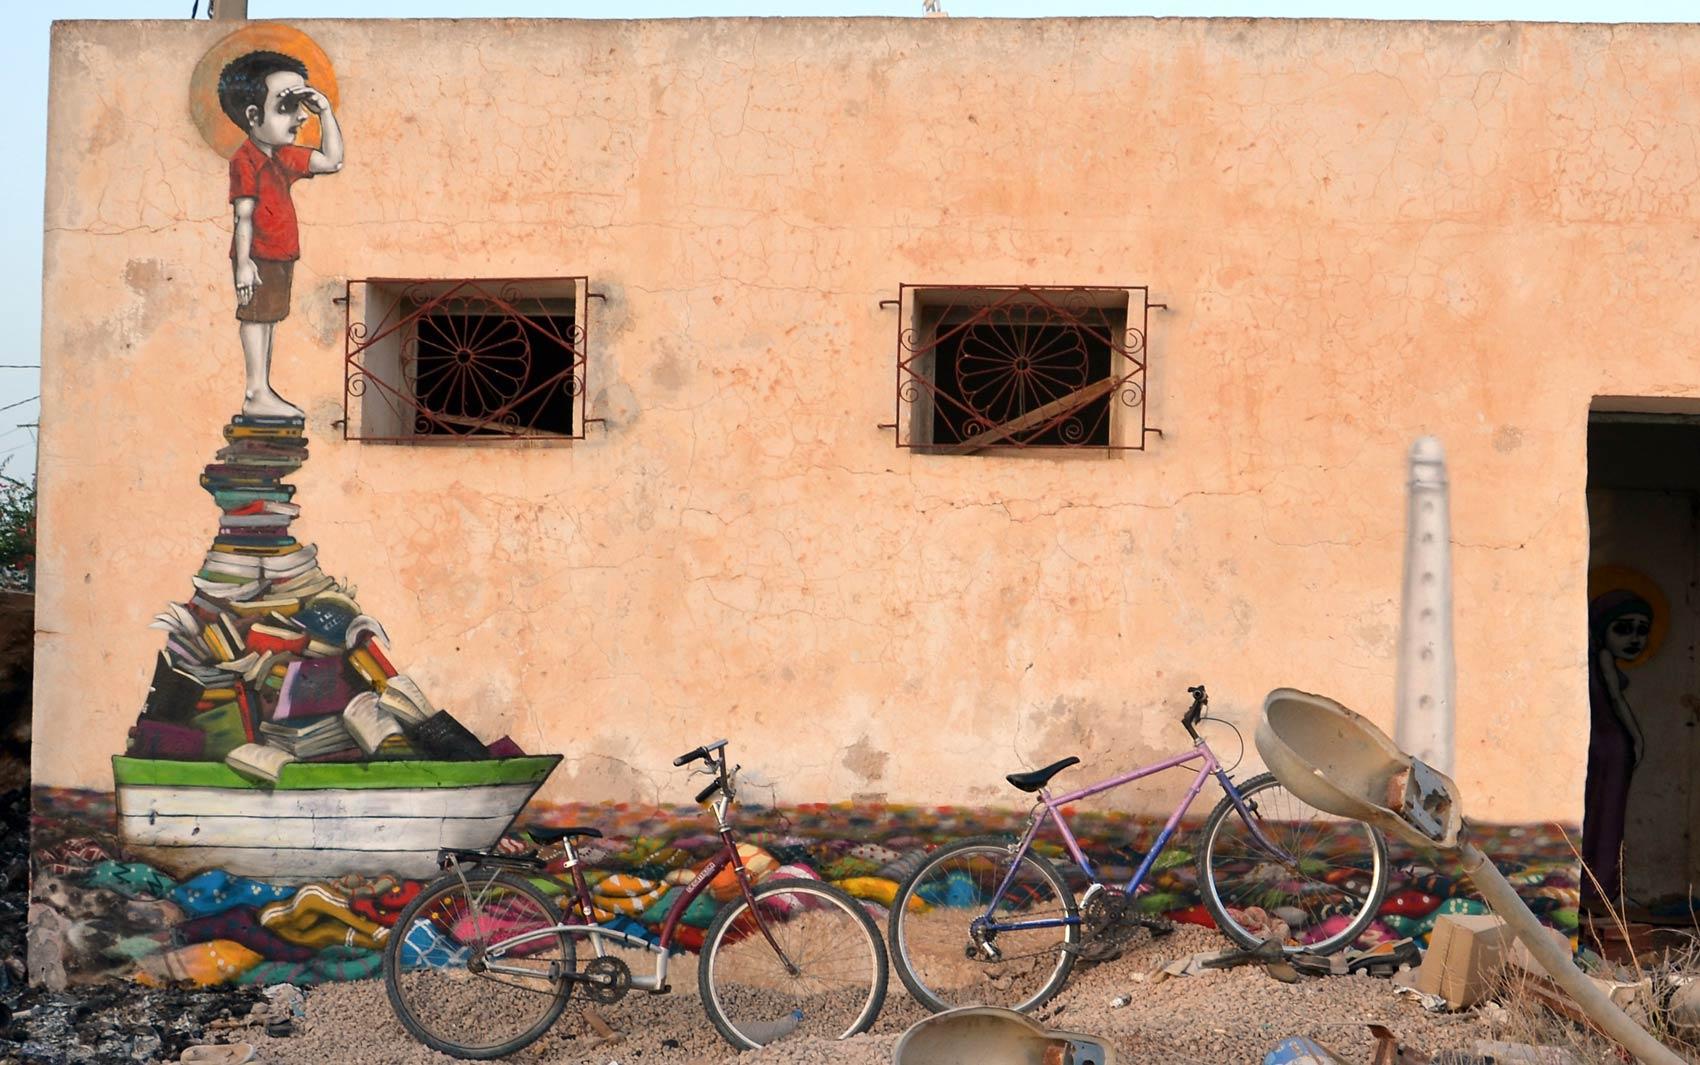 A ilha de Djerba, na Tunísia, está sendo transformada num museu de grafite a céu aberto por mais de 100 artistas de 40 países. Os prédios com a arquitetura característica da região estão sendo coloridos a convite do artista tunisiano Mehdi Ben Cheikh